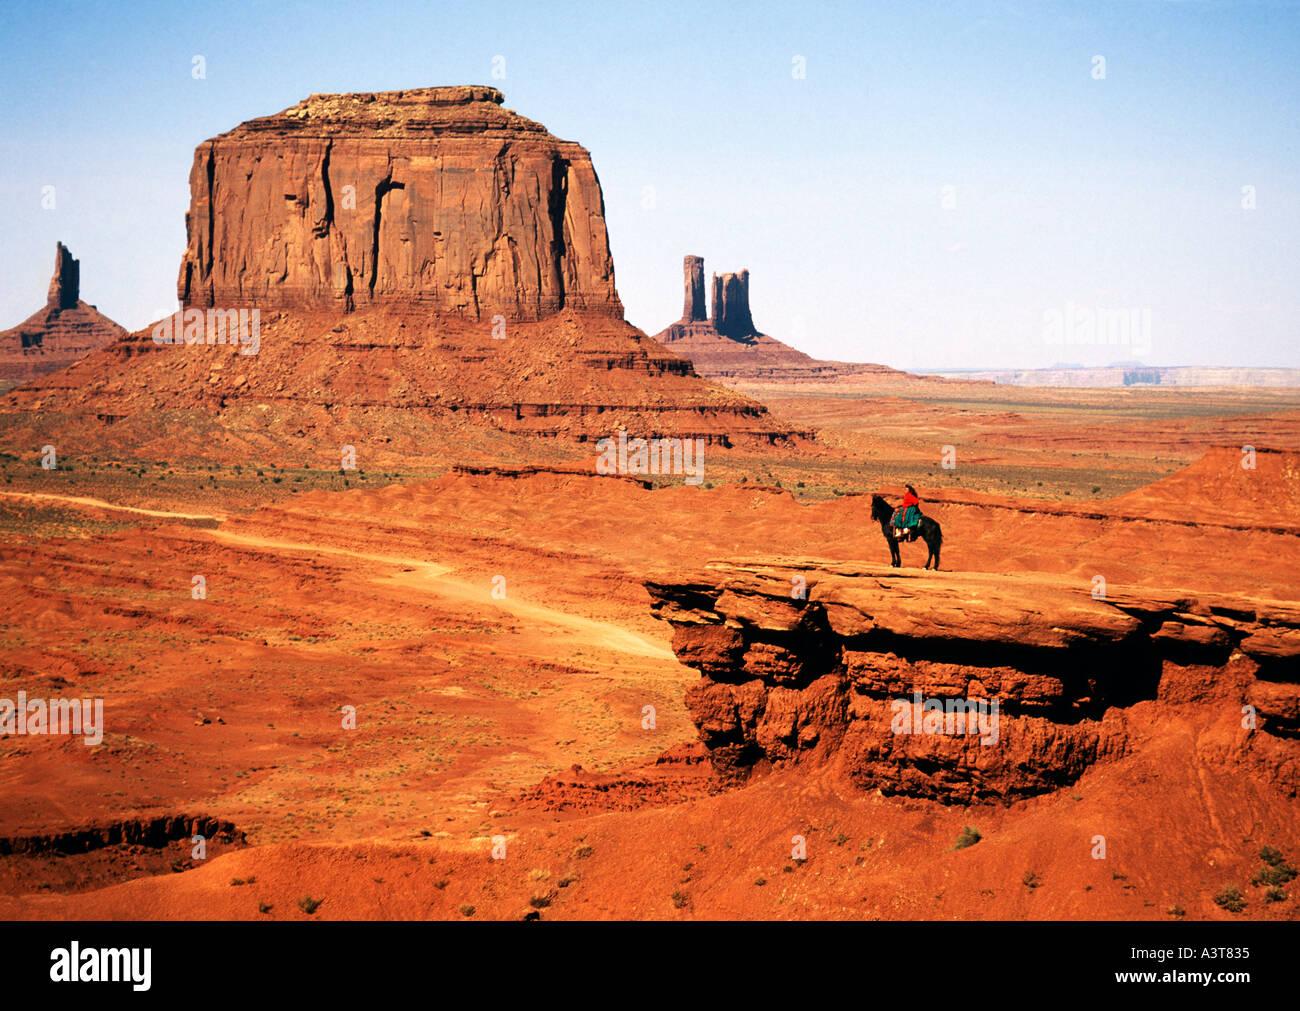 Stati Uniti d'America, dello Utah, dell'Arizona, Monument Valley Navajo Tribal Park Foto Stock